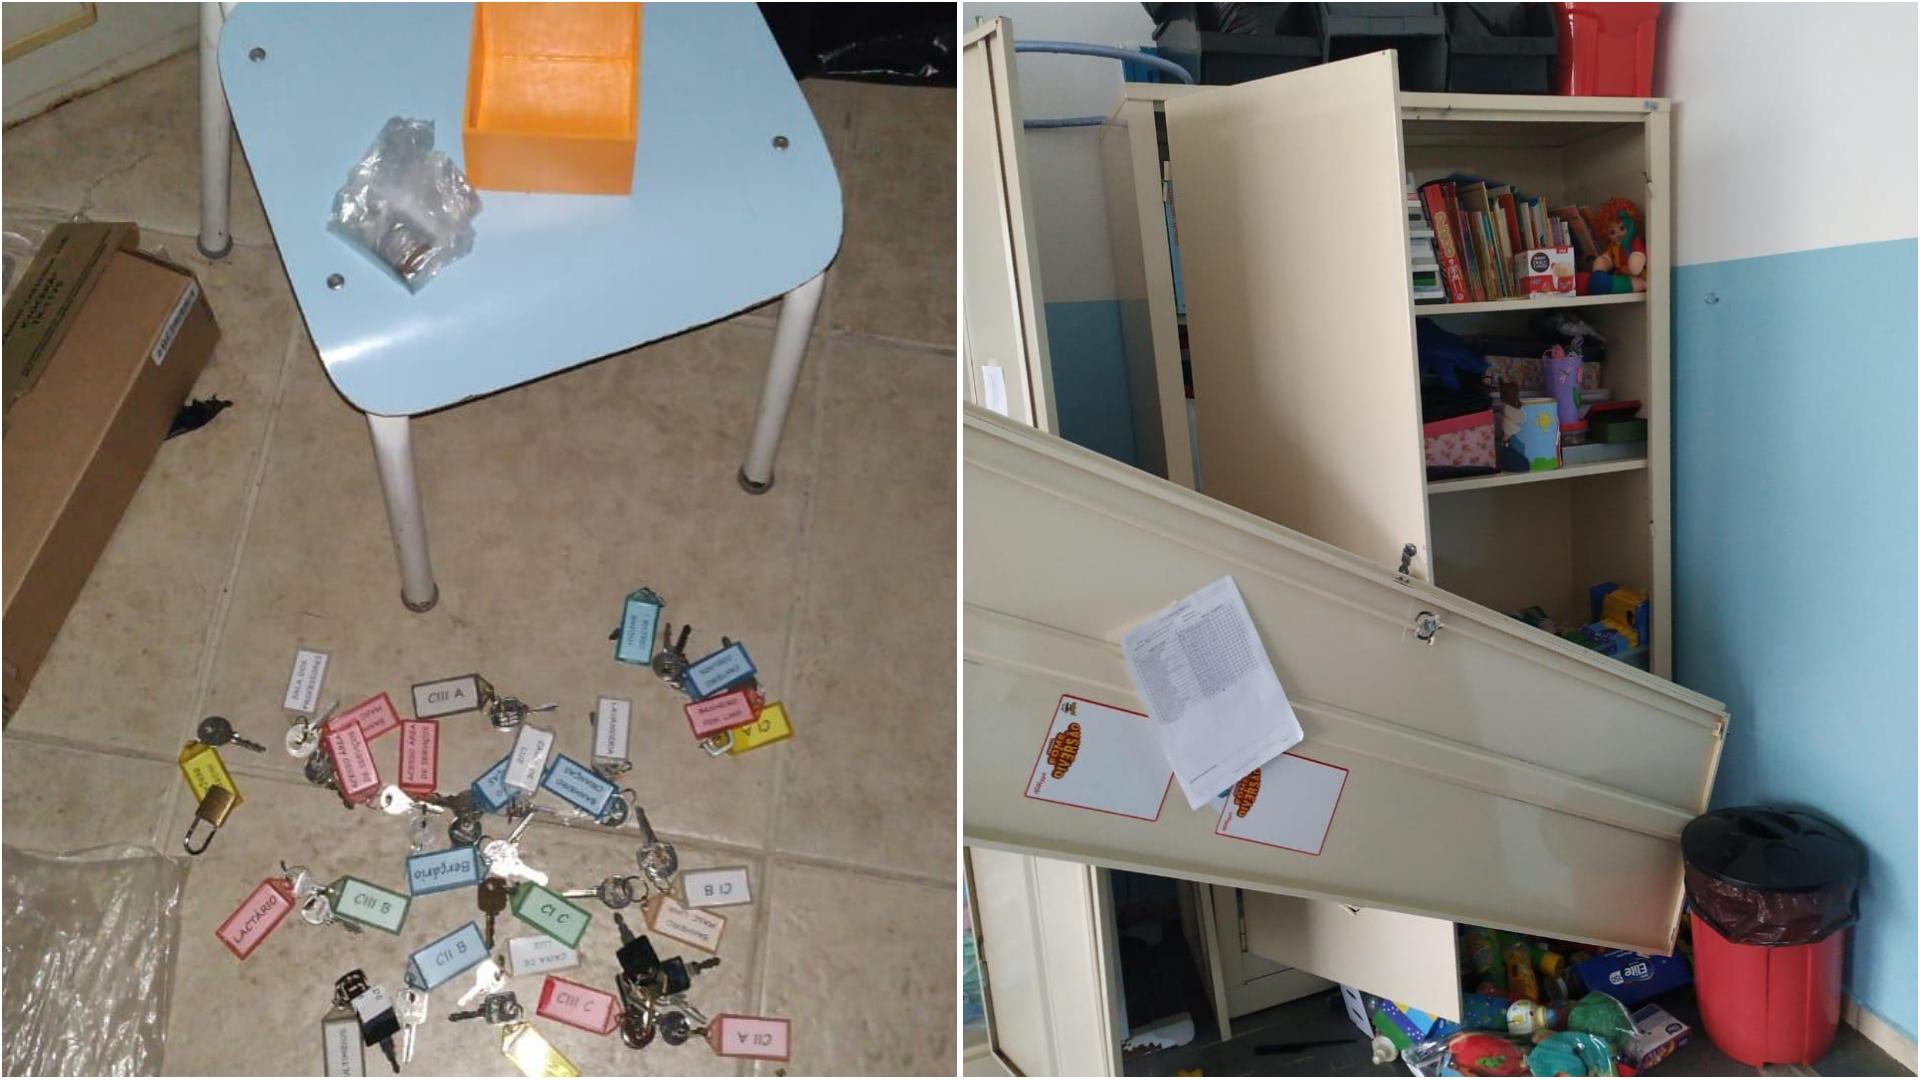 E de novo, marginais furtam escola infantil no Jd. Josane em Sorocaba; fotos